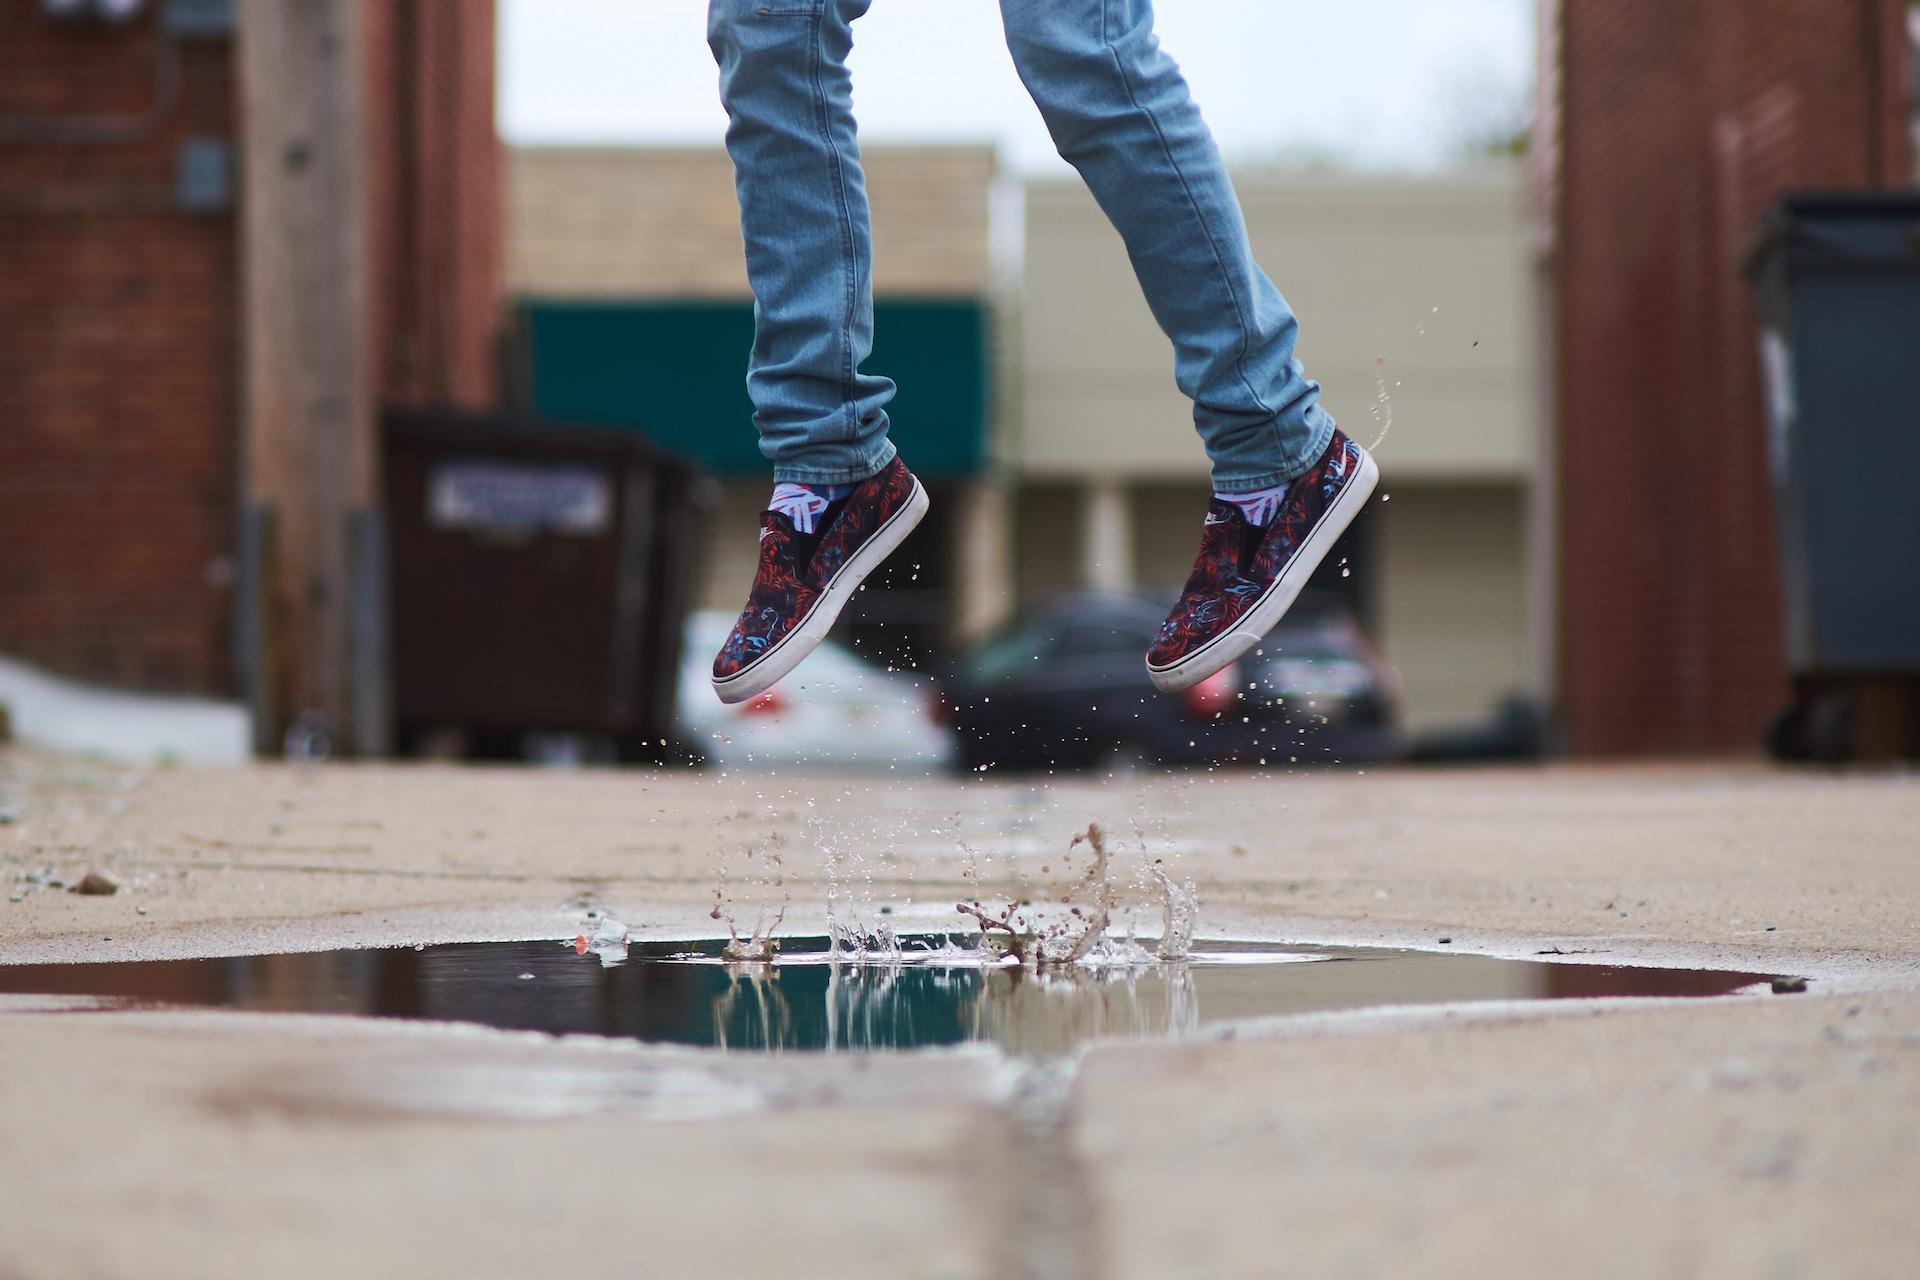 άλμα, λακκούβα, παπούτσια, πόδια, λάσπη, παντελόνι - Wallpapers HD - Professor-falken.com